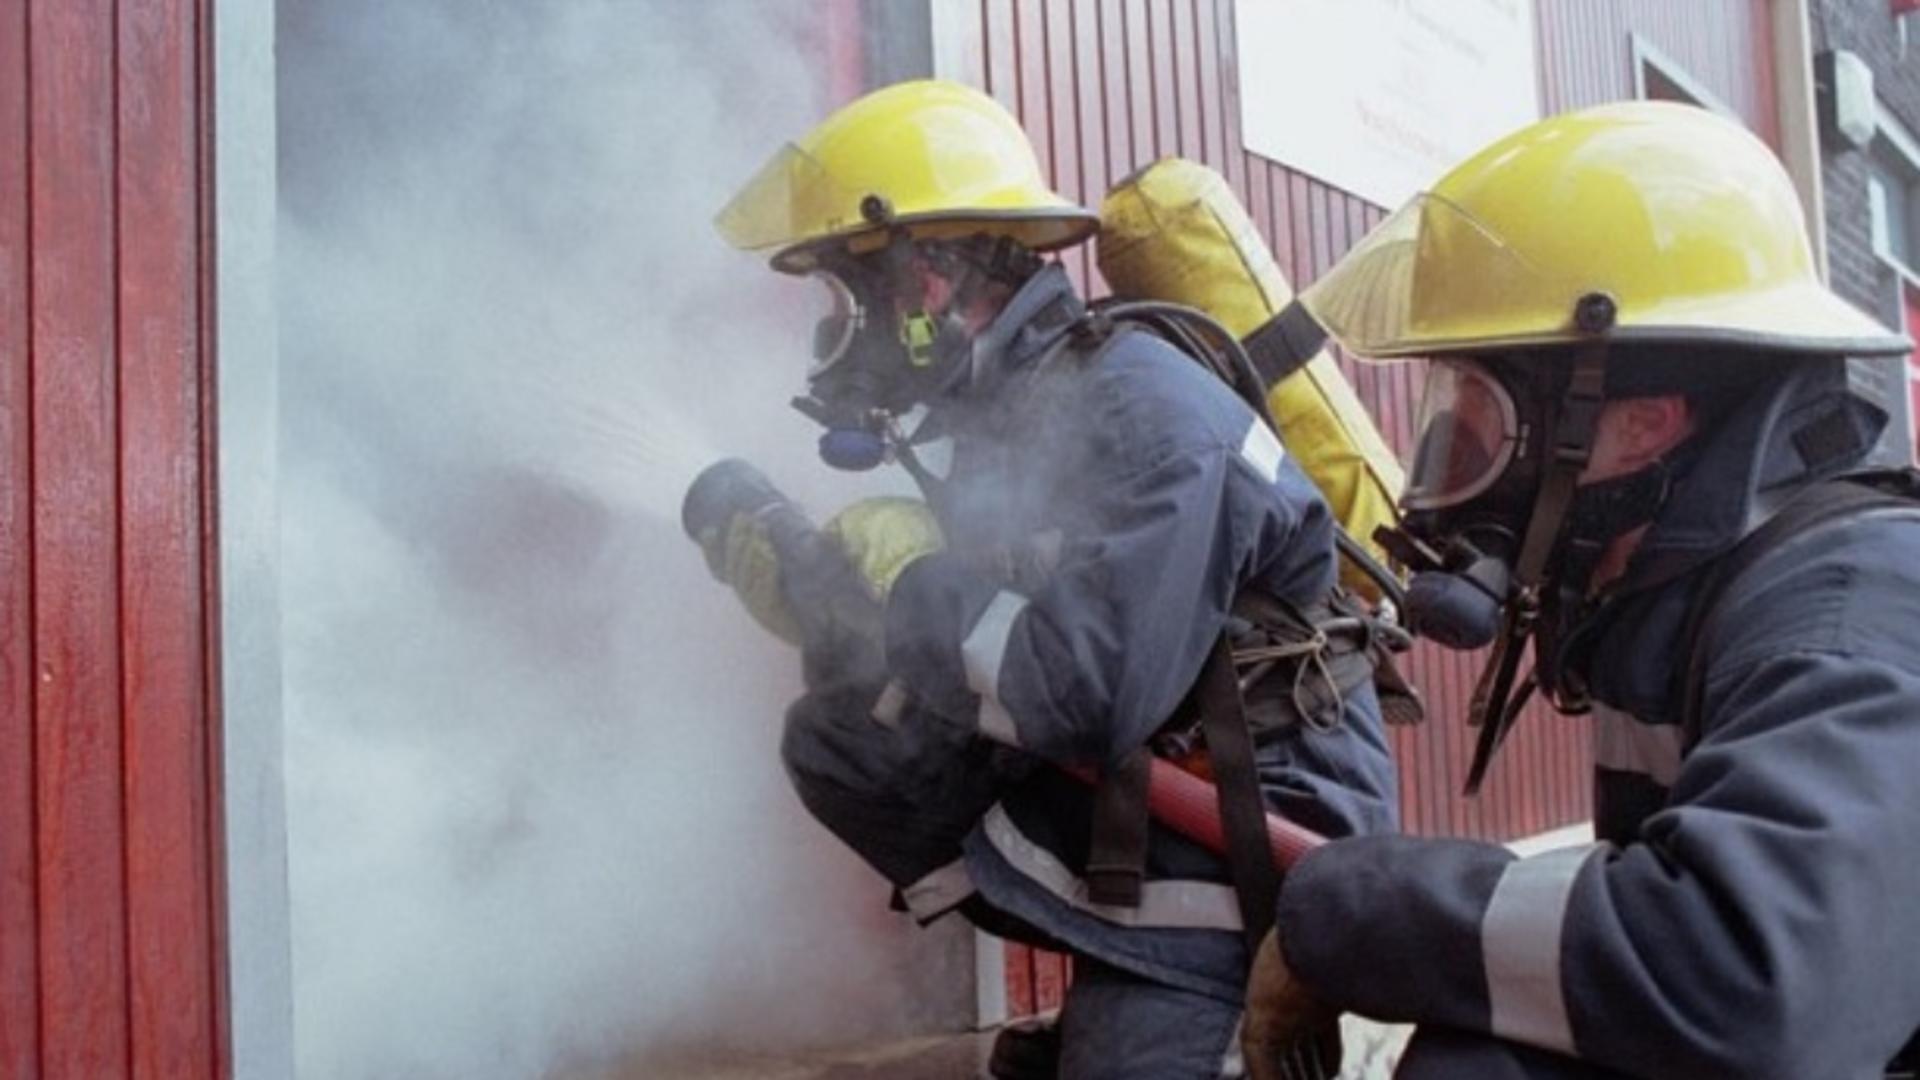 De ce au greșit pompierii din Craiova adresa spitalului anunțat că este în flăcări?